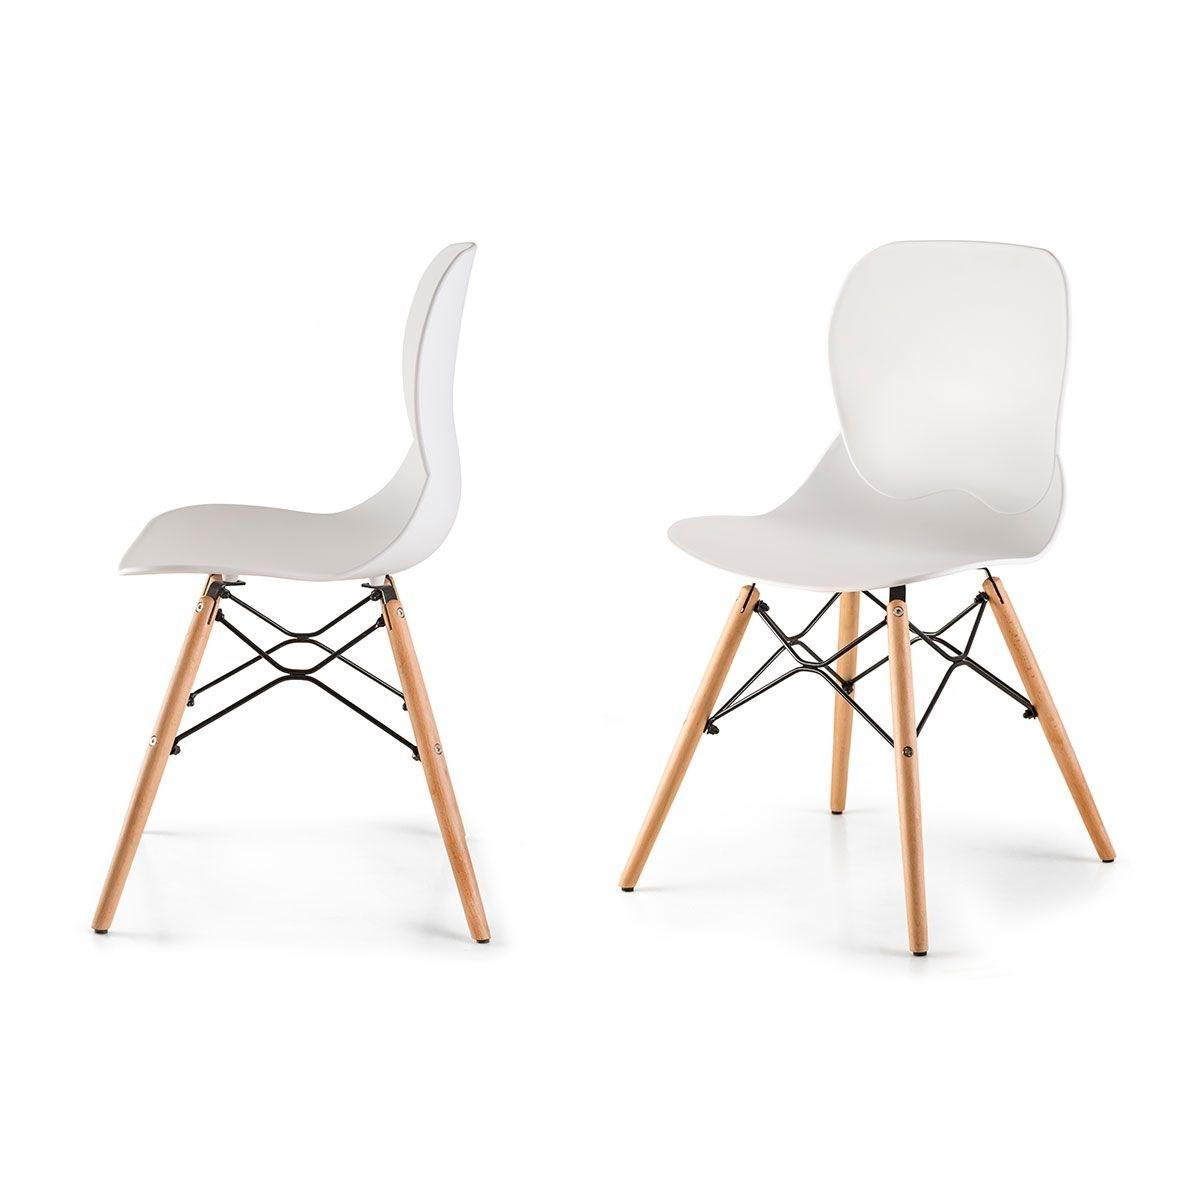 boras lot de 2 chaises style scandinave nordique - Chaise Style Scandinave